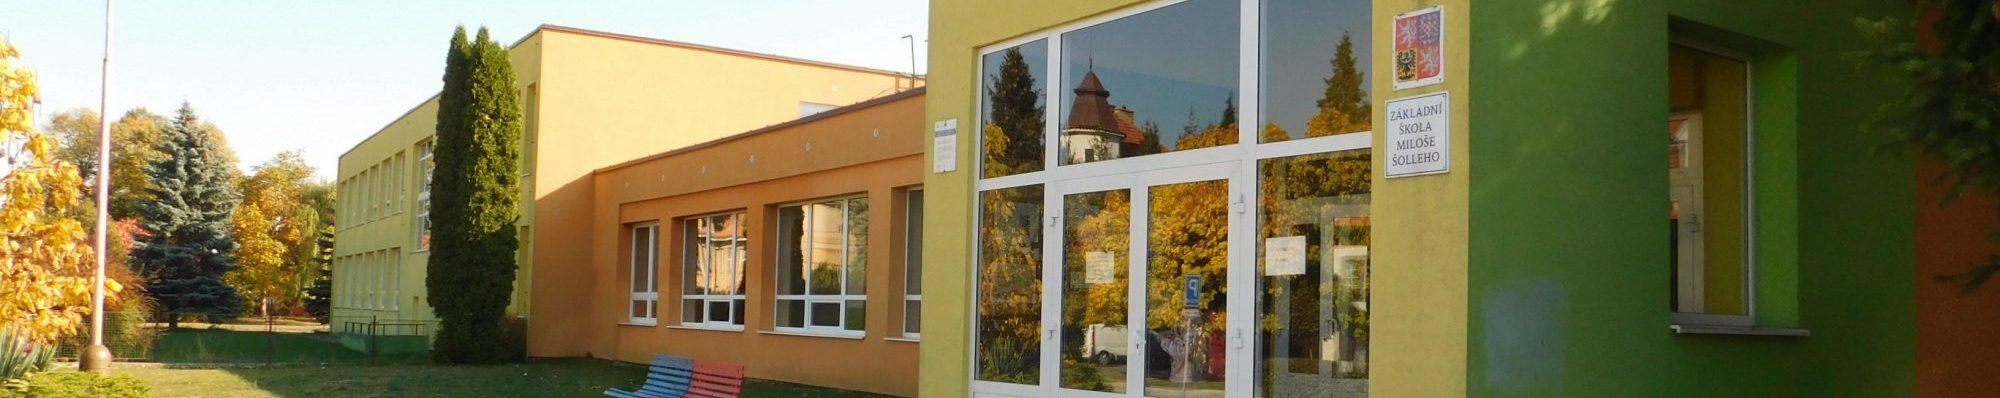 Základní škola Miloše Šolleho Kouřim